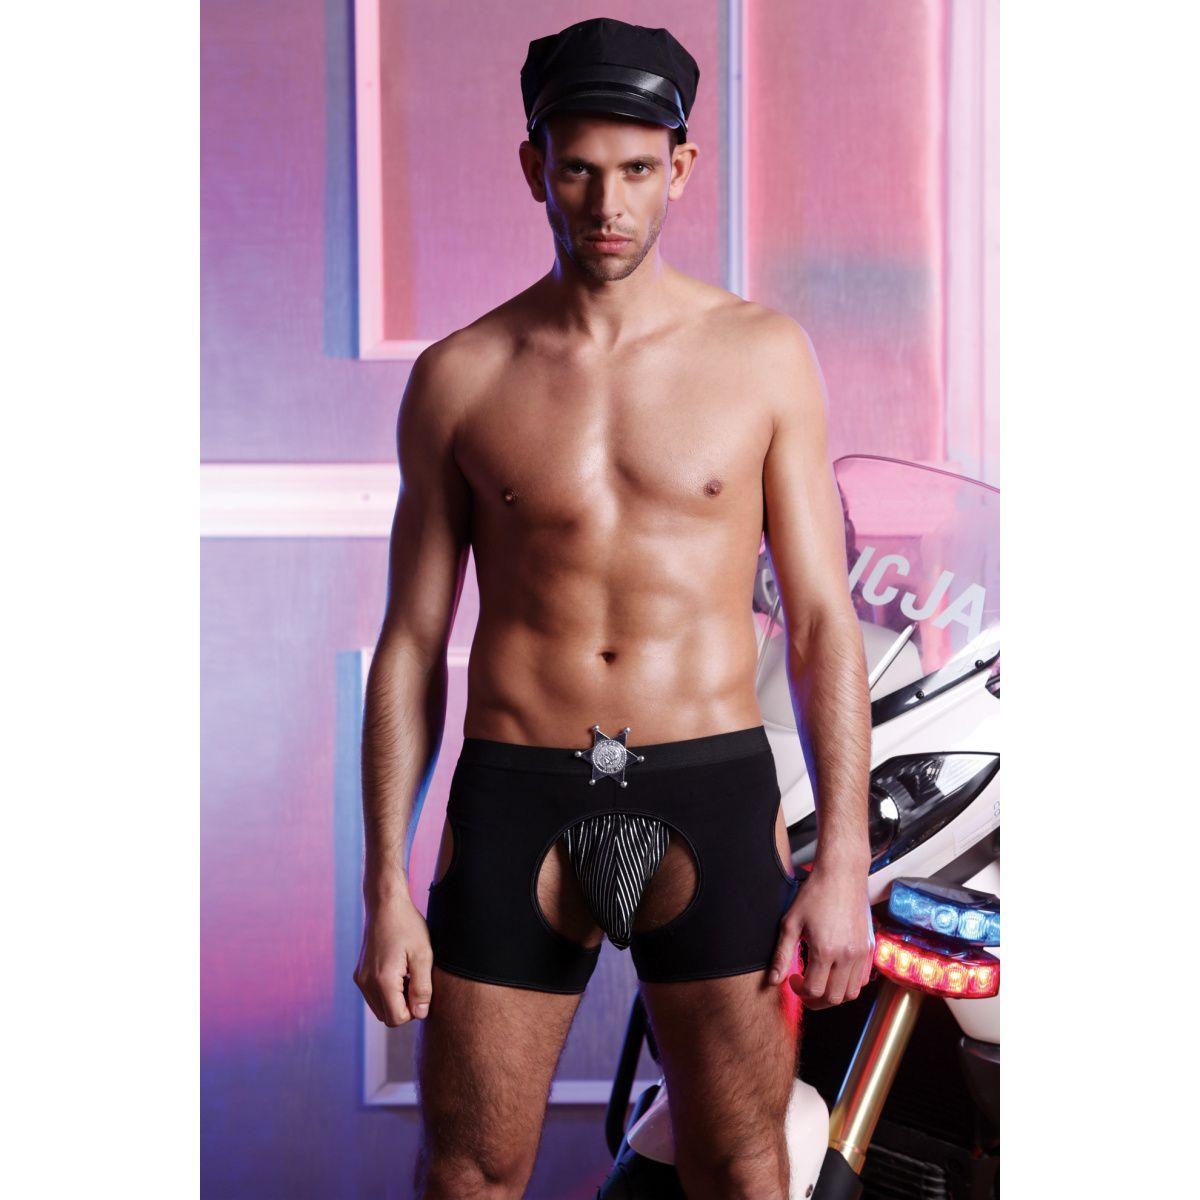 Костюм полицейского Candy Boy Jay (стринги, шорты, значок, головной убор), черный, OS